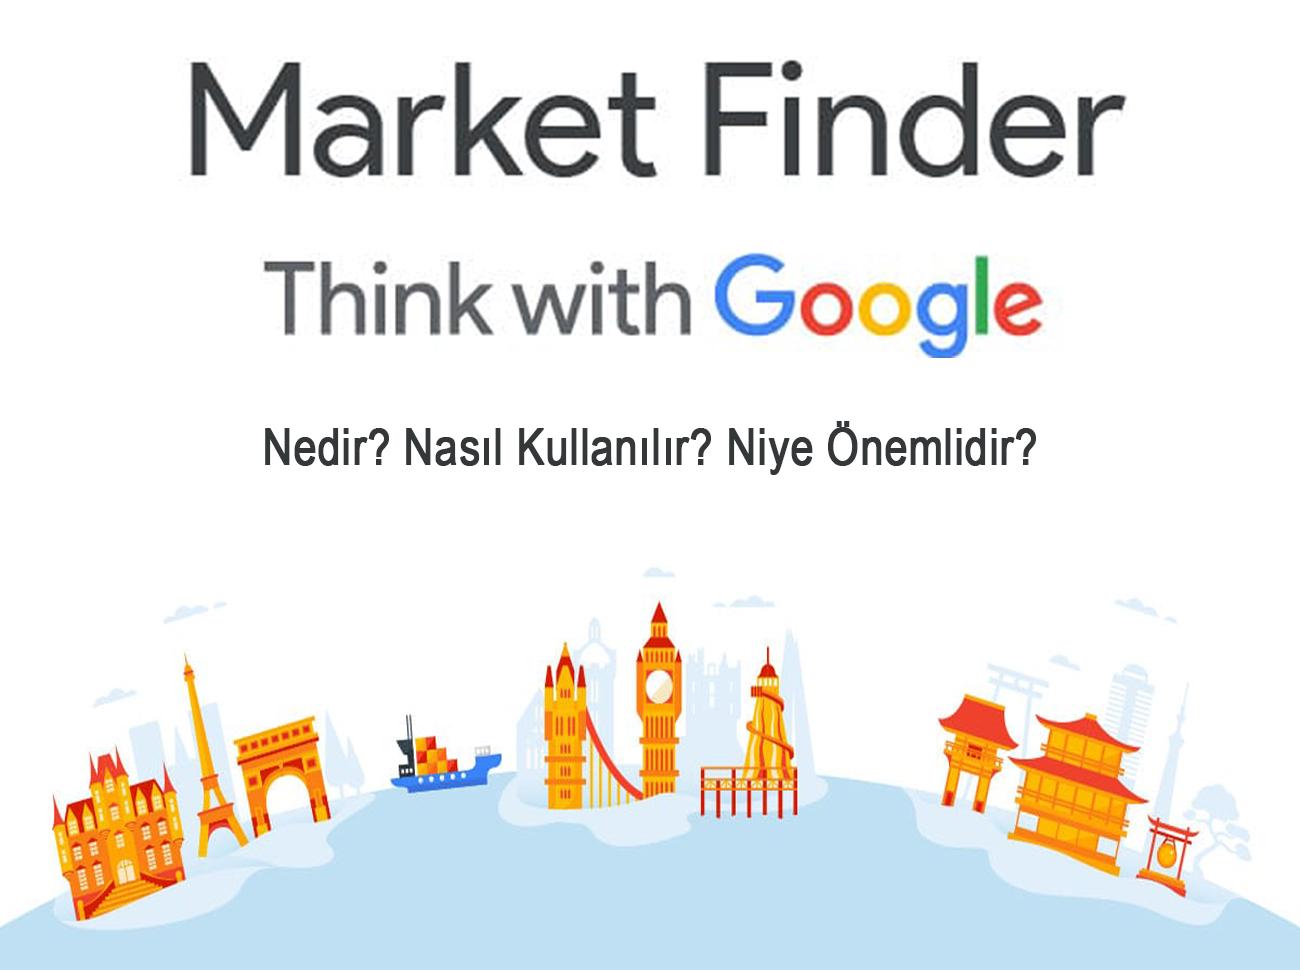 Google Market Finder Nedir? Nasıl Kullanılır?